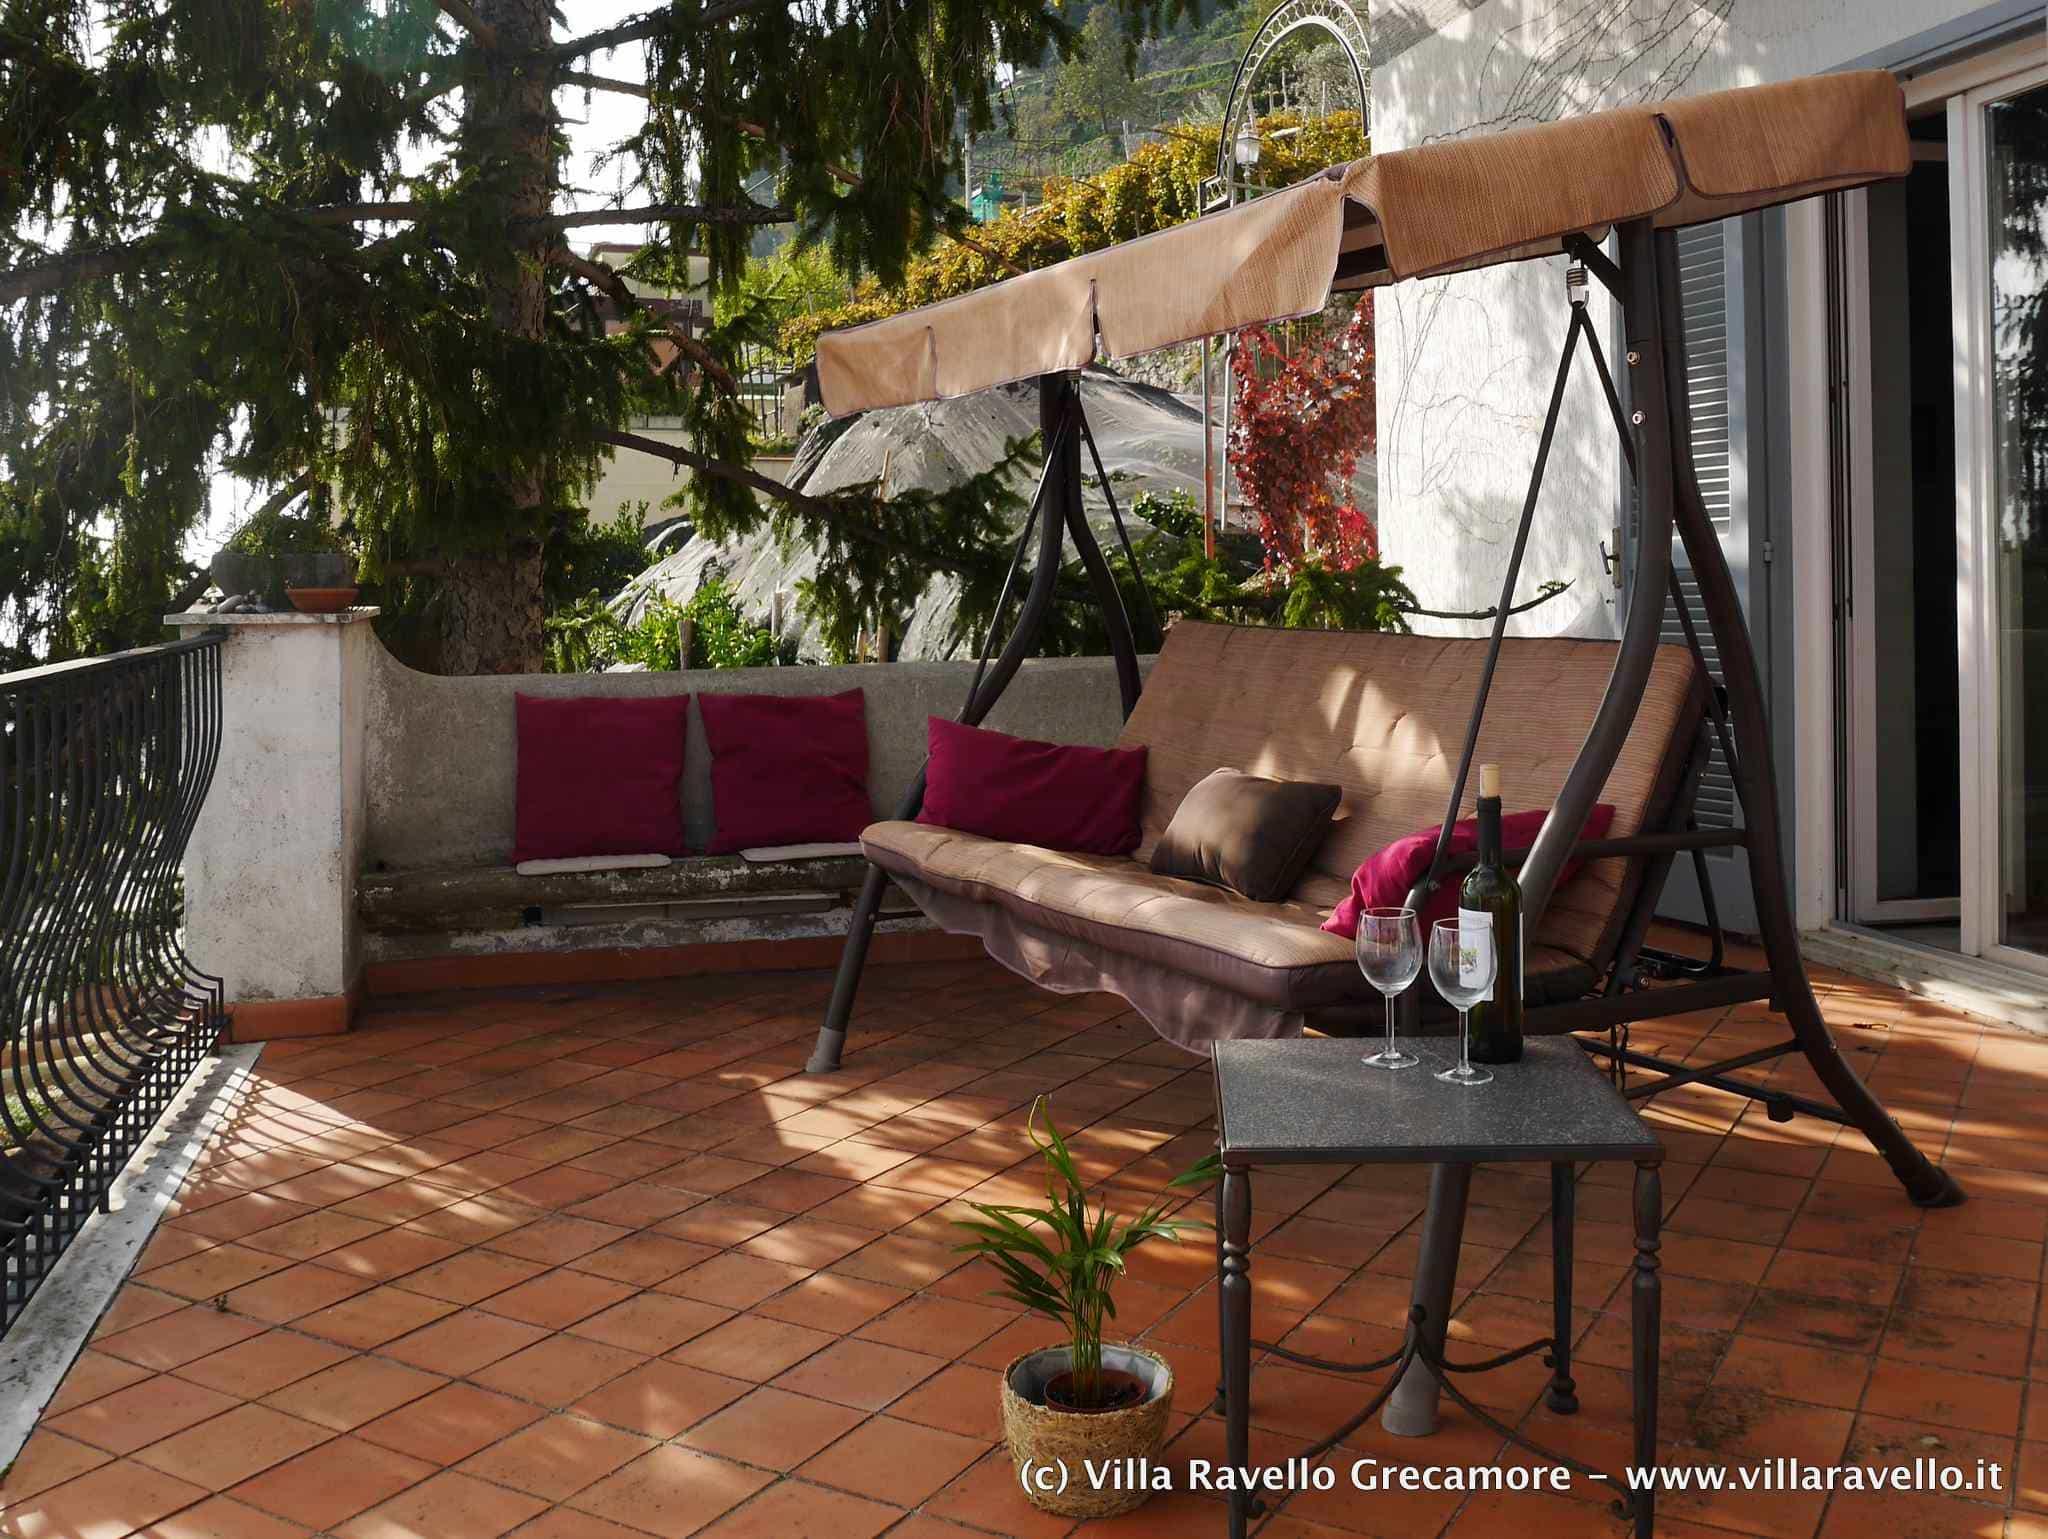 Villa Ravello Grecamore - main terrace